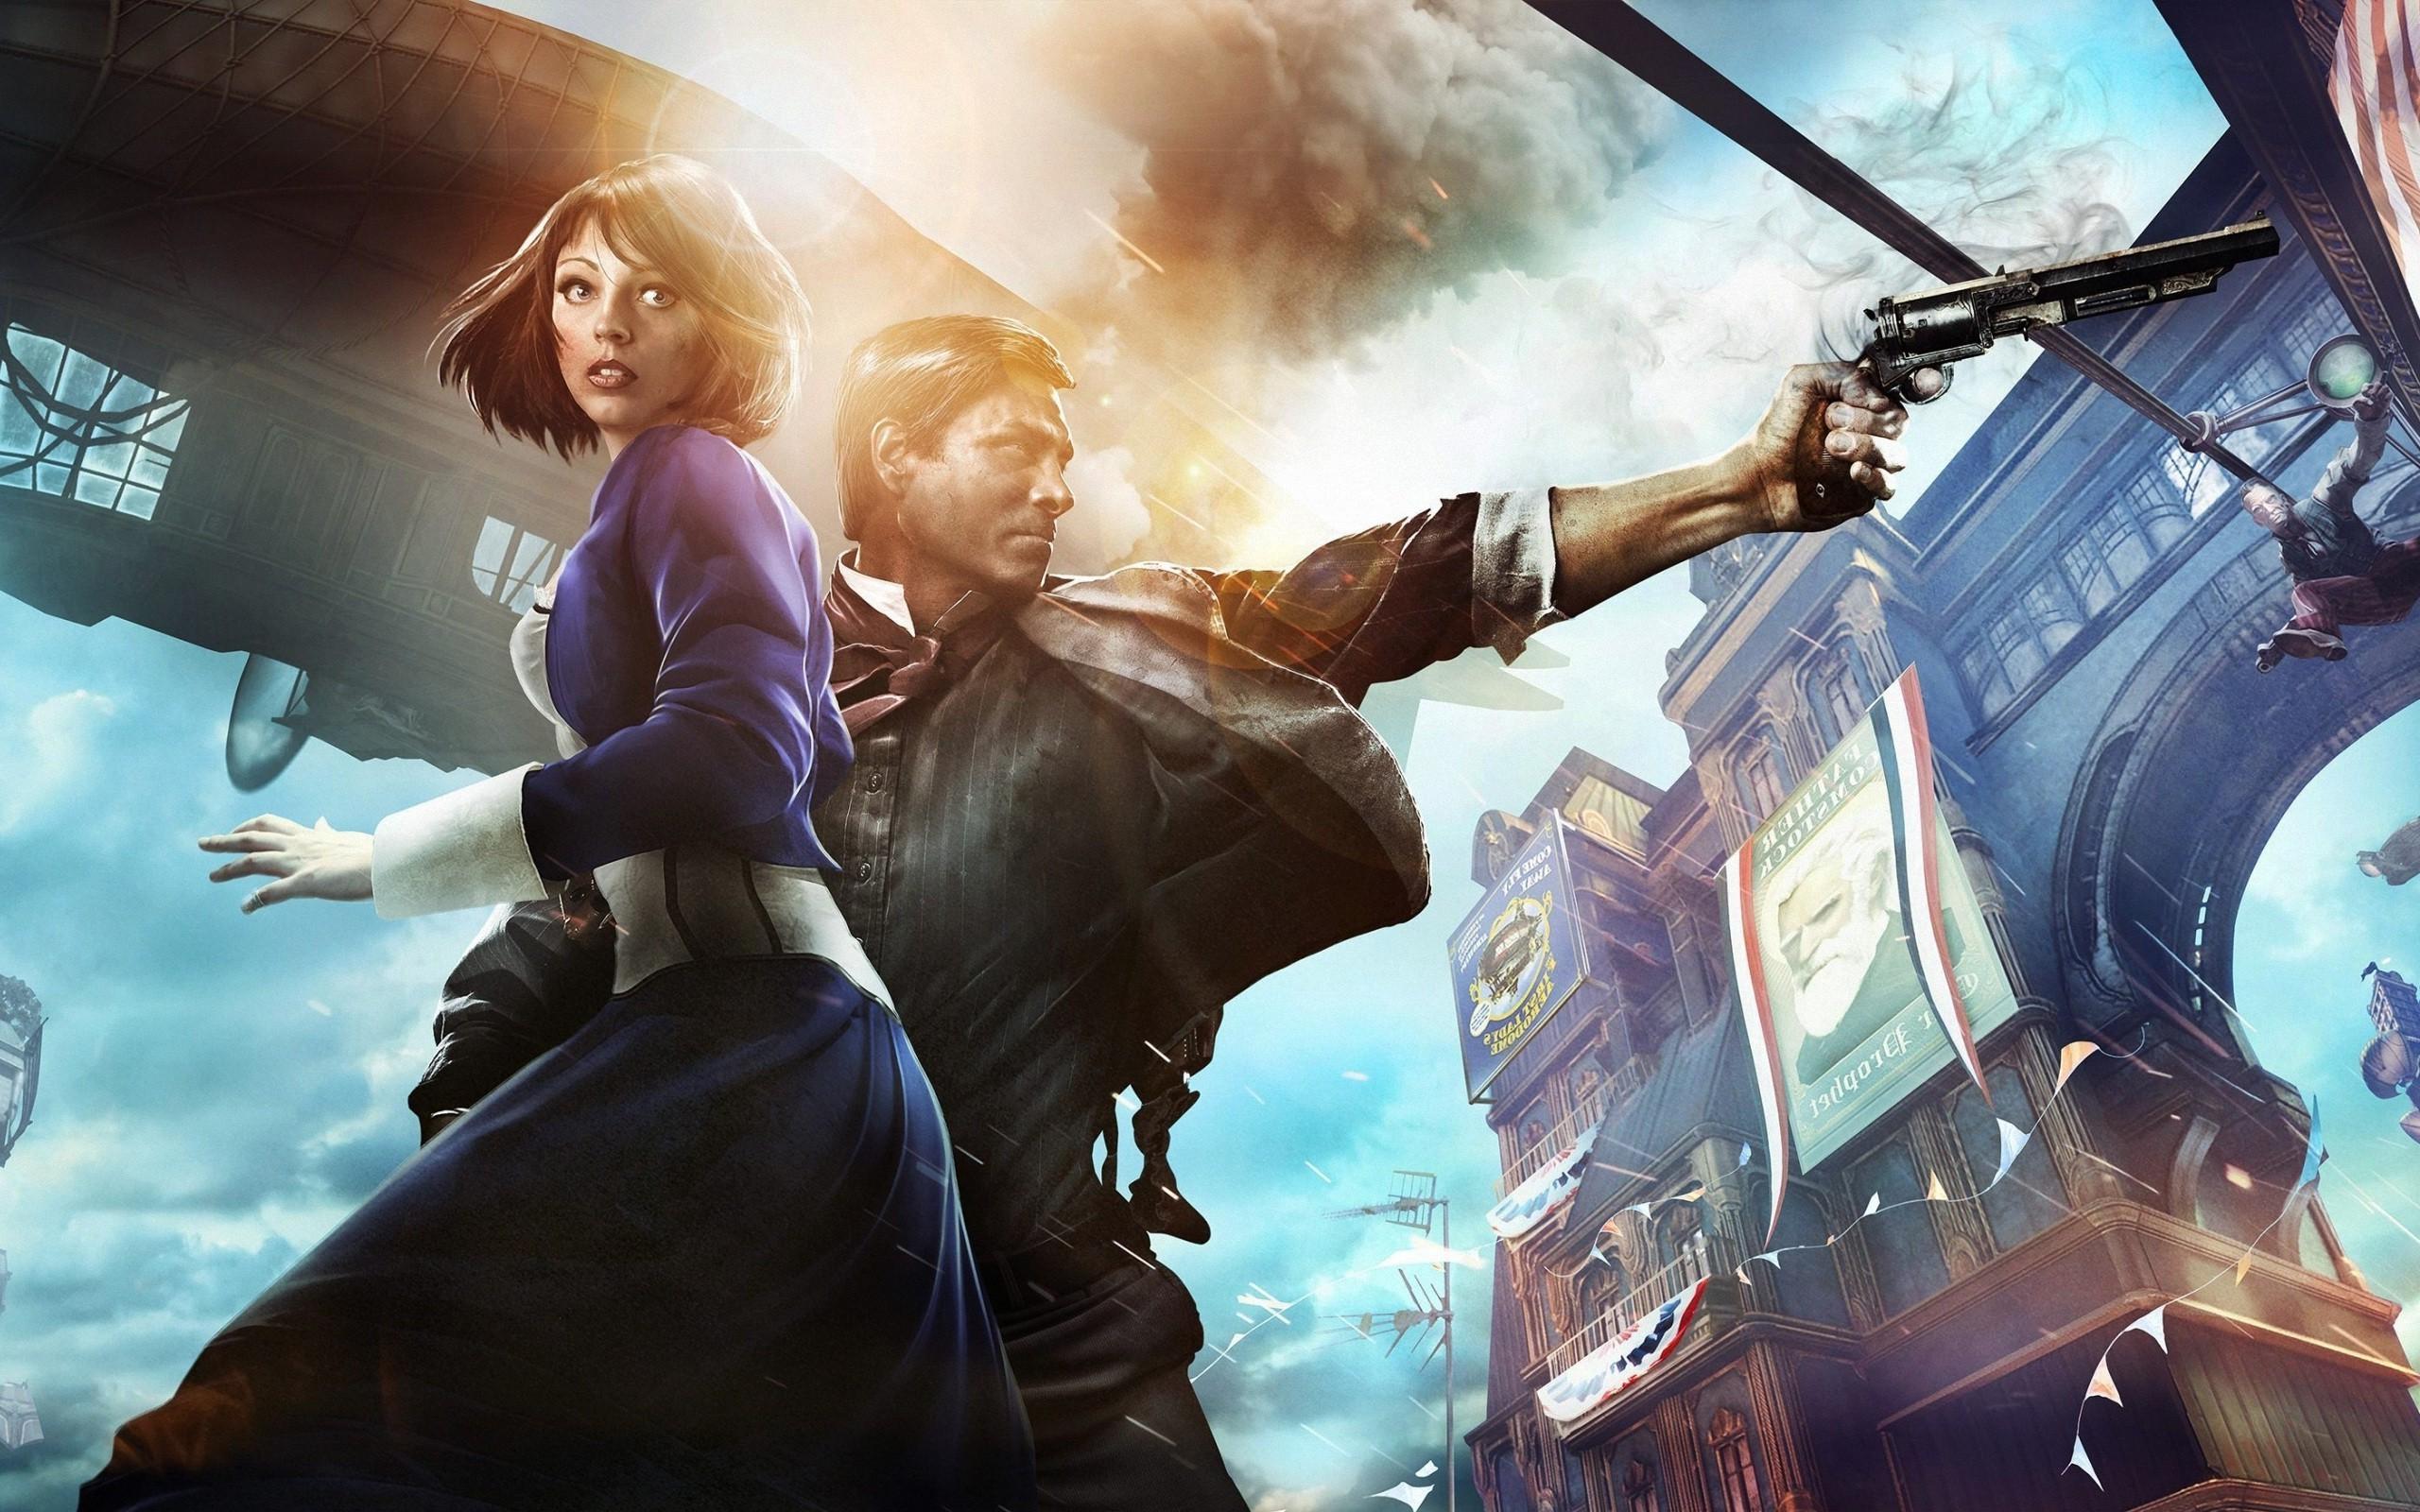 2560x1600 Px BioShock Infinite Booker DeWitt Elizabeth Fantasy Art